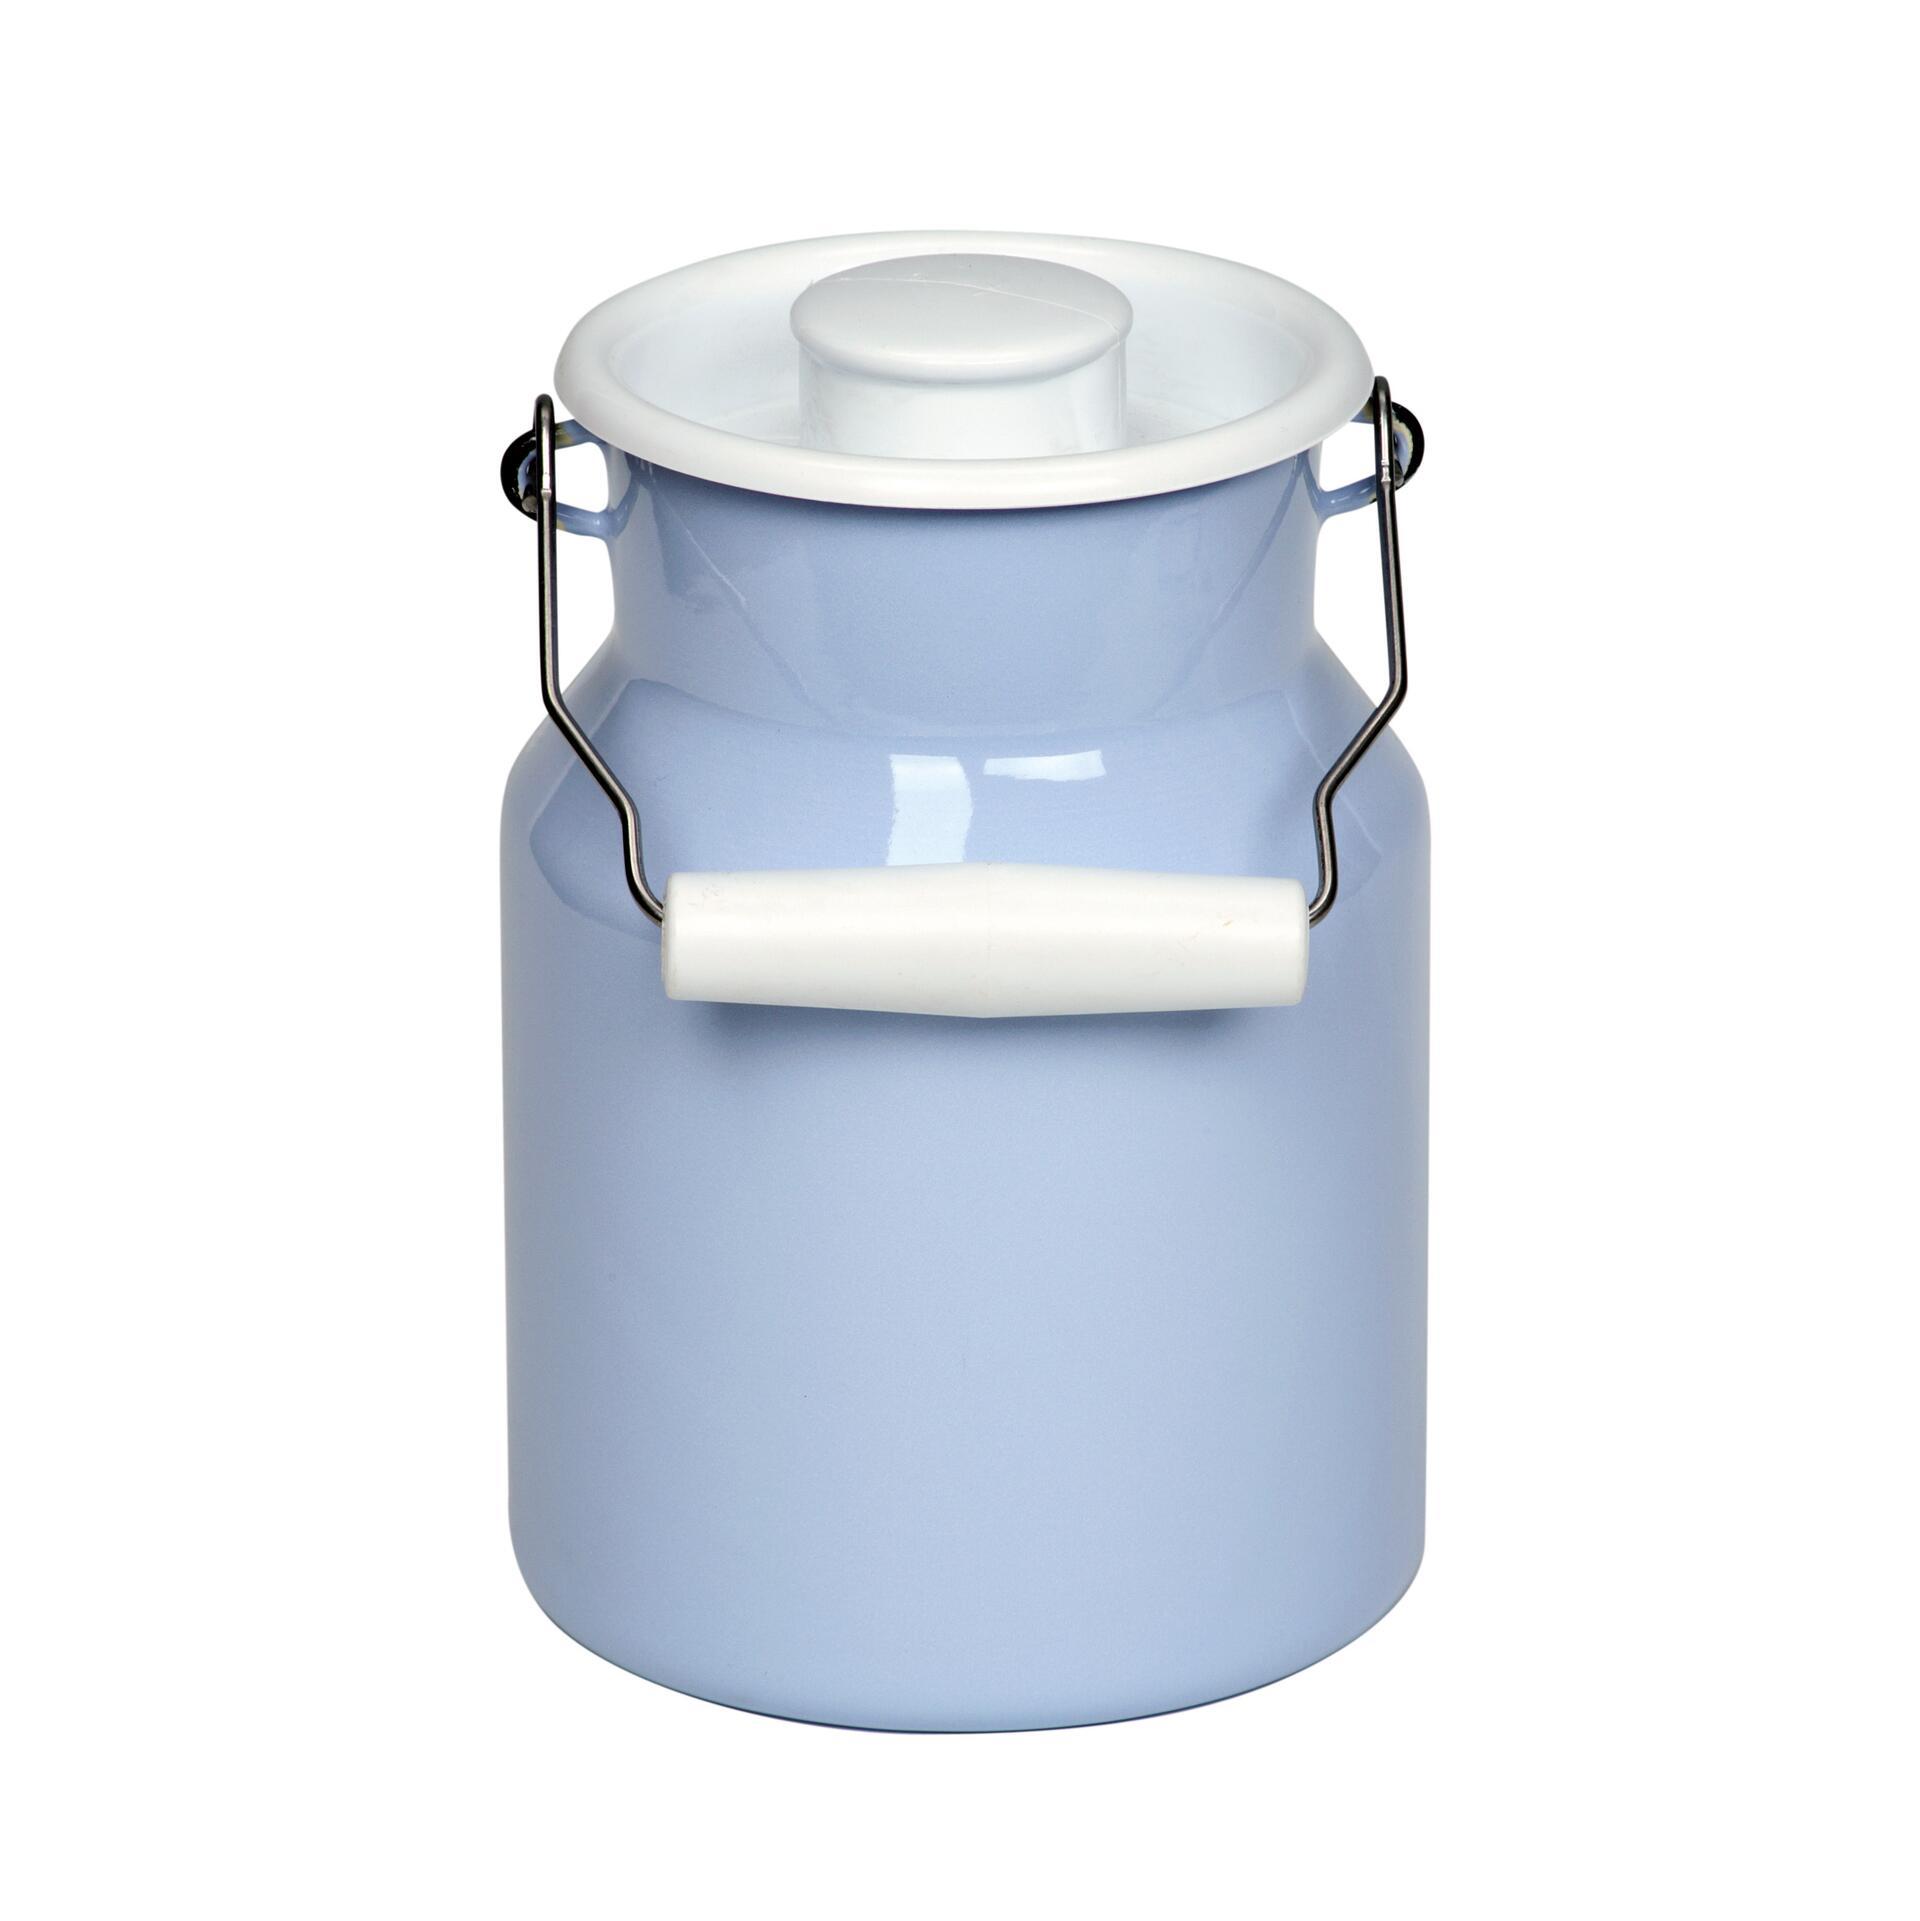 Riess Milchkanne mit Deckel Hellblau